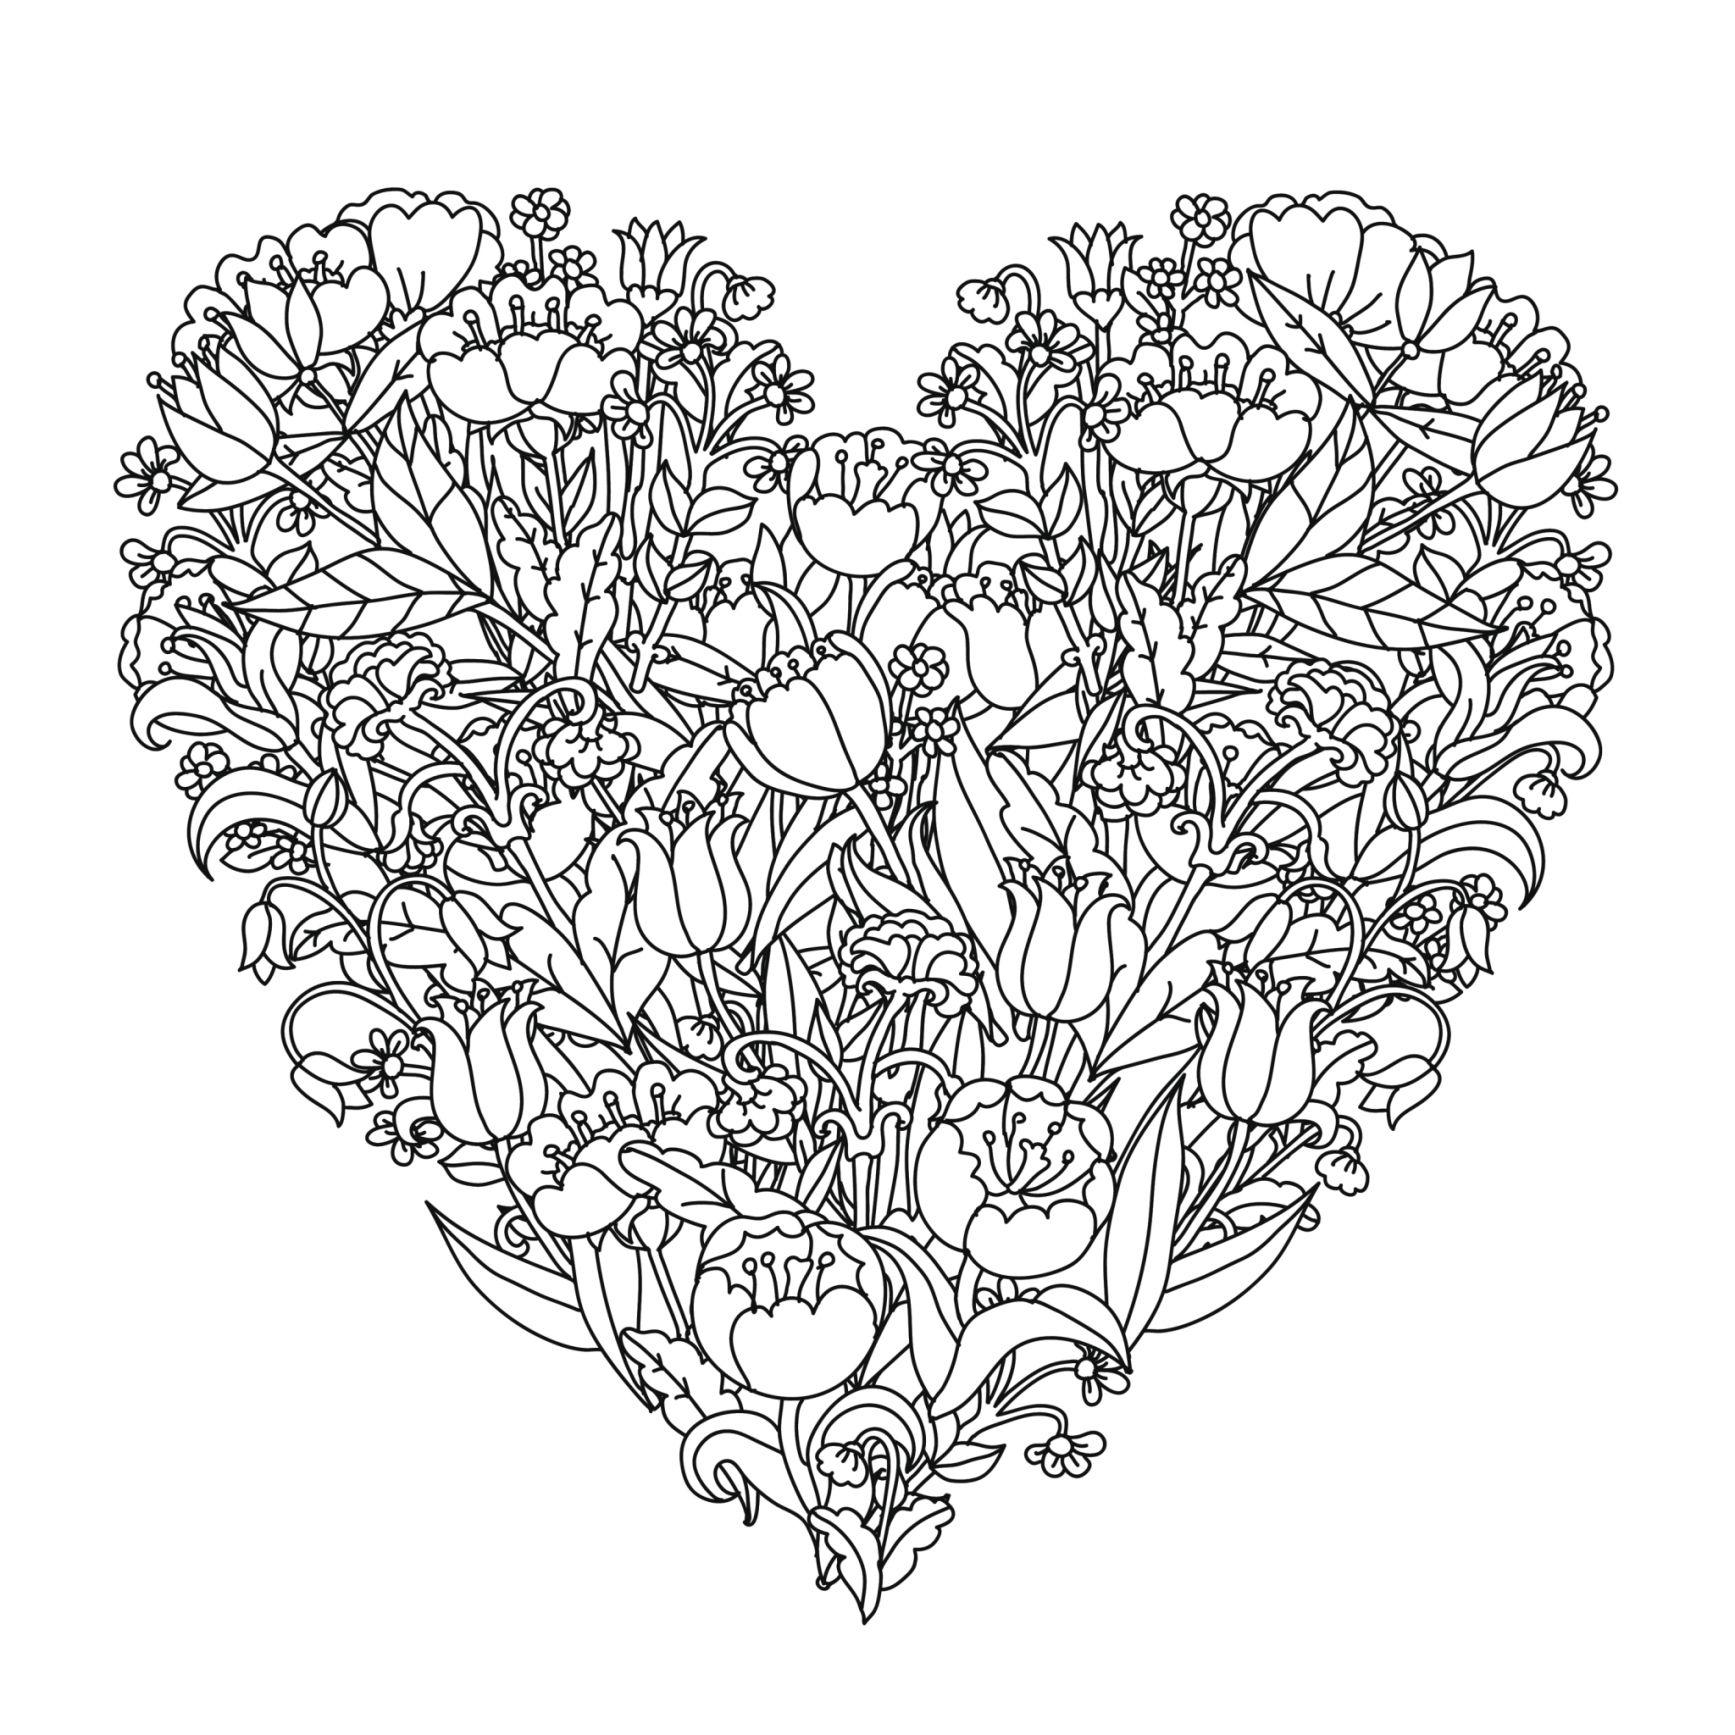 dibujos-mandalas-para-colorear-imprimir.jpg (1735×1735) | Coloring ...